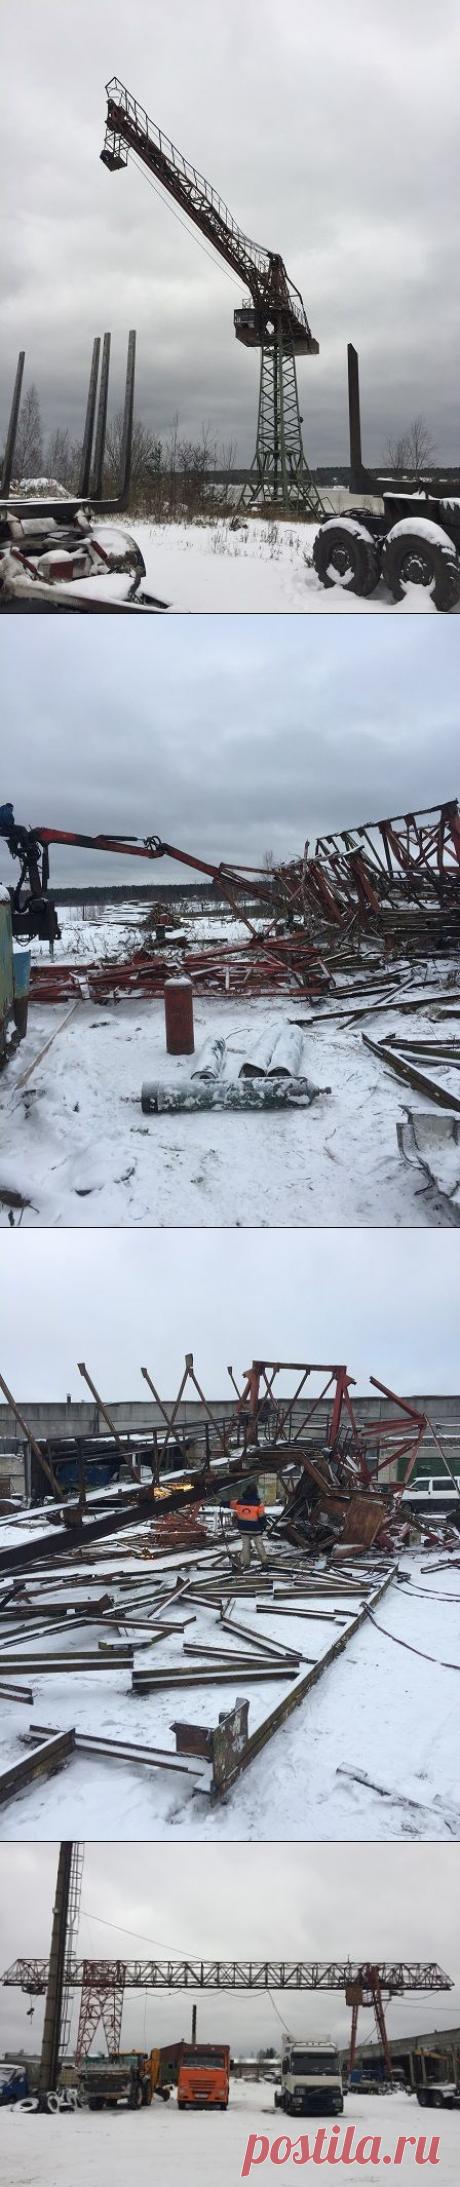 Демонтаж металлоконструкций, демонтажные работы любой сложности в Санкт-Петербурге.